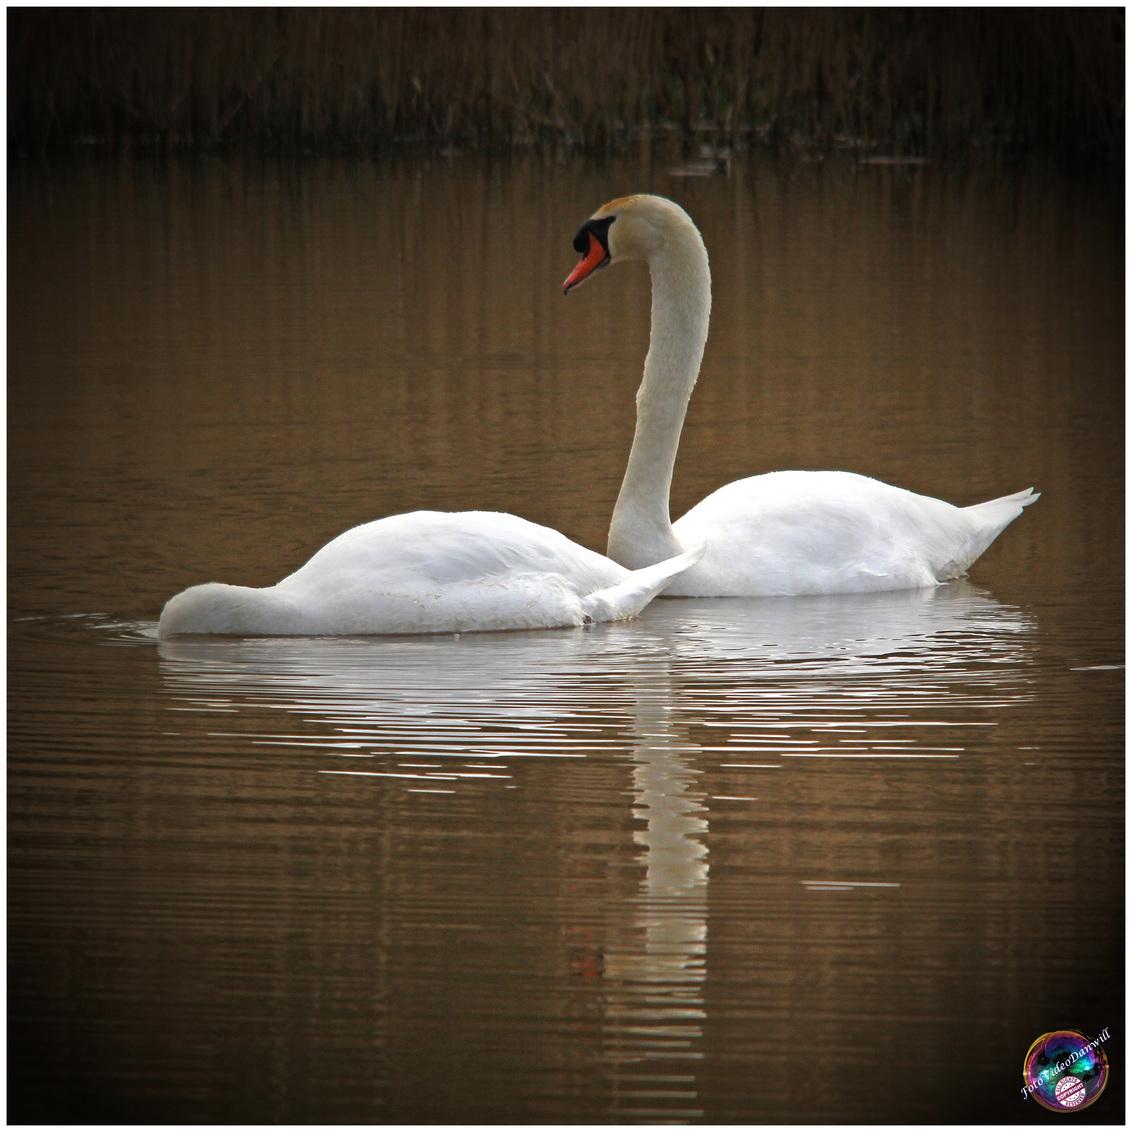 Altijd samen - - - foto door willemdanker op 07-11-2018 - deze foto bevat: zwaan, zwanen